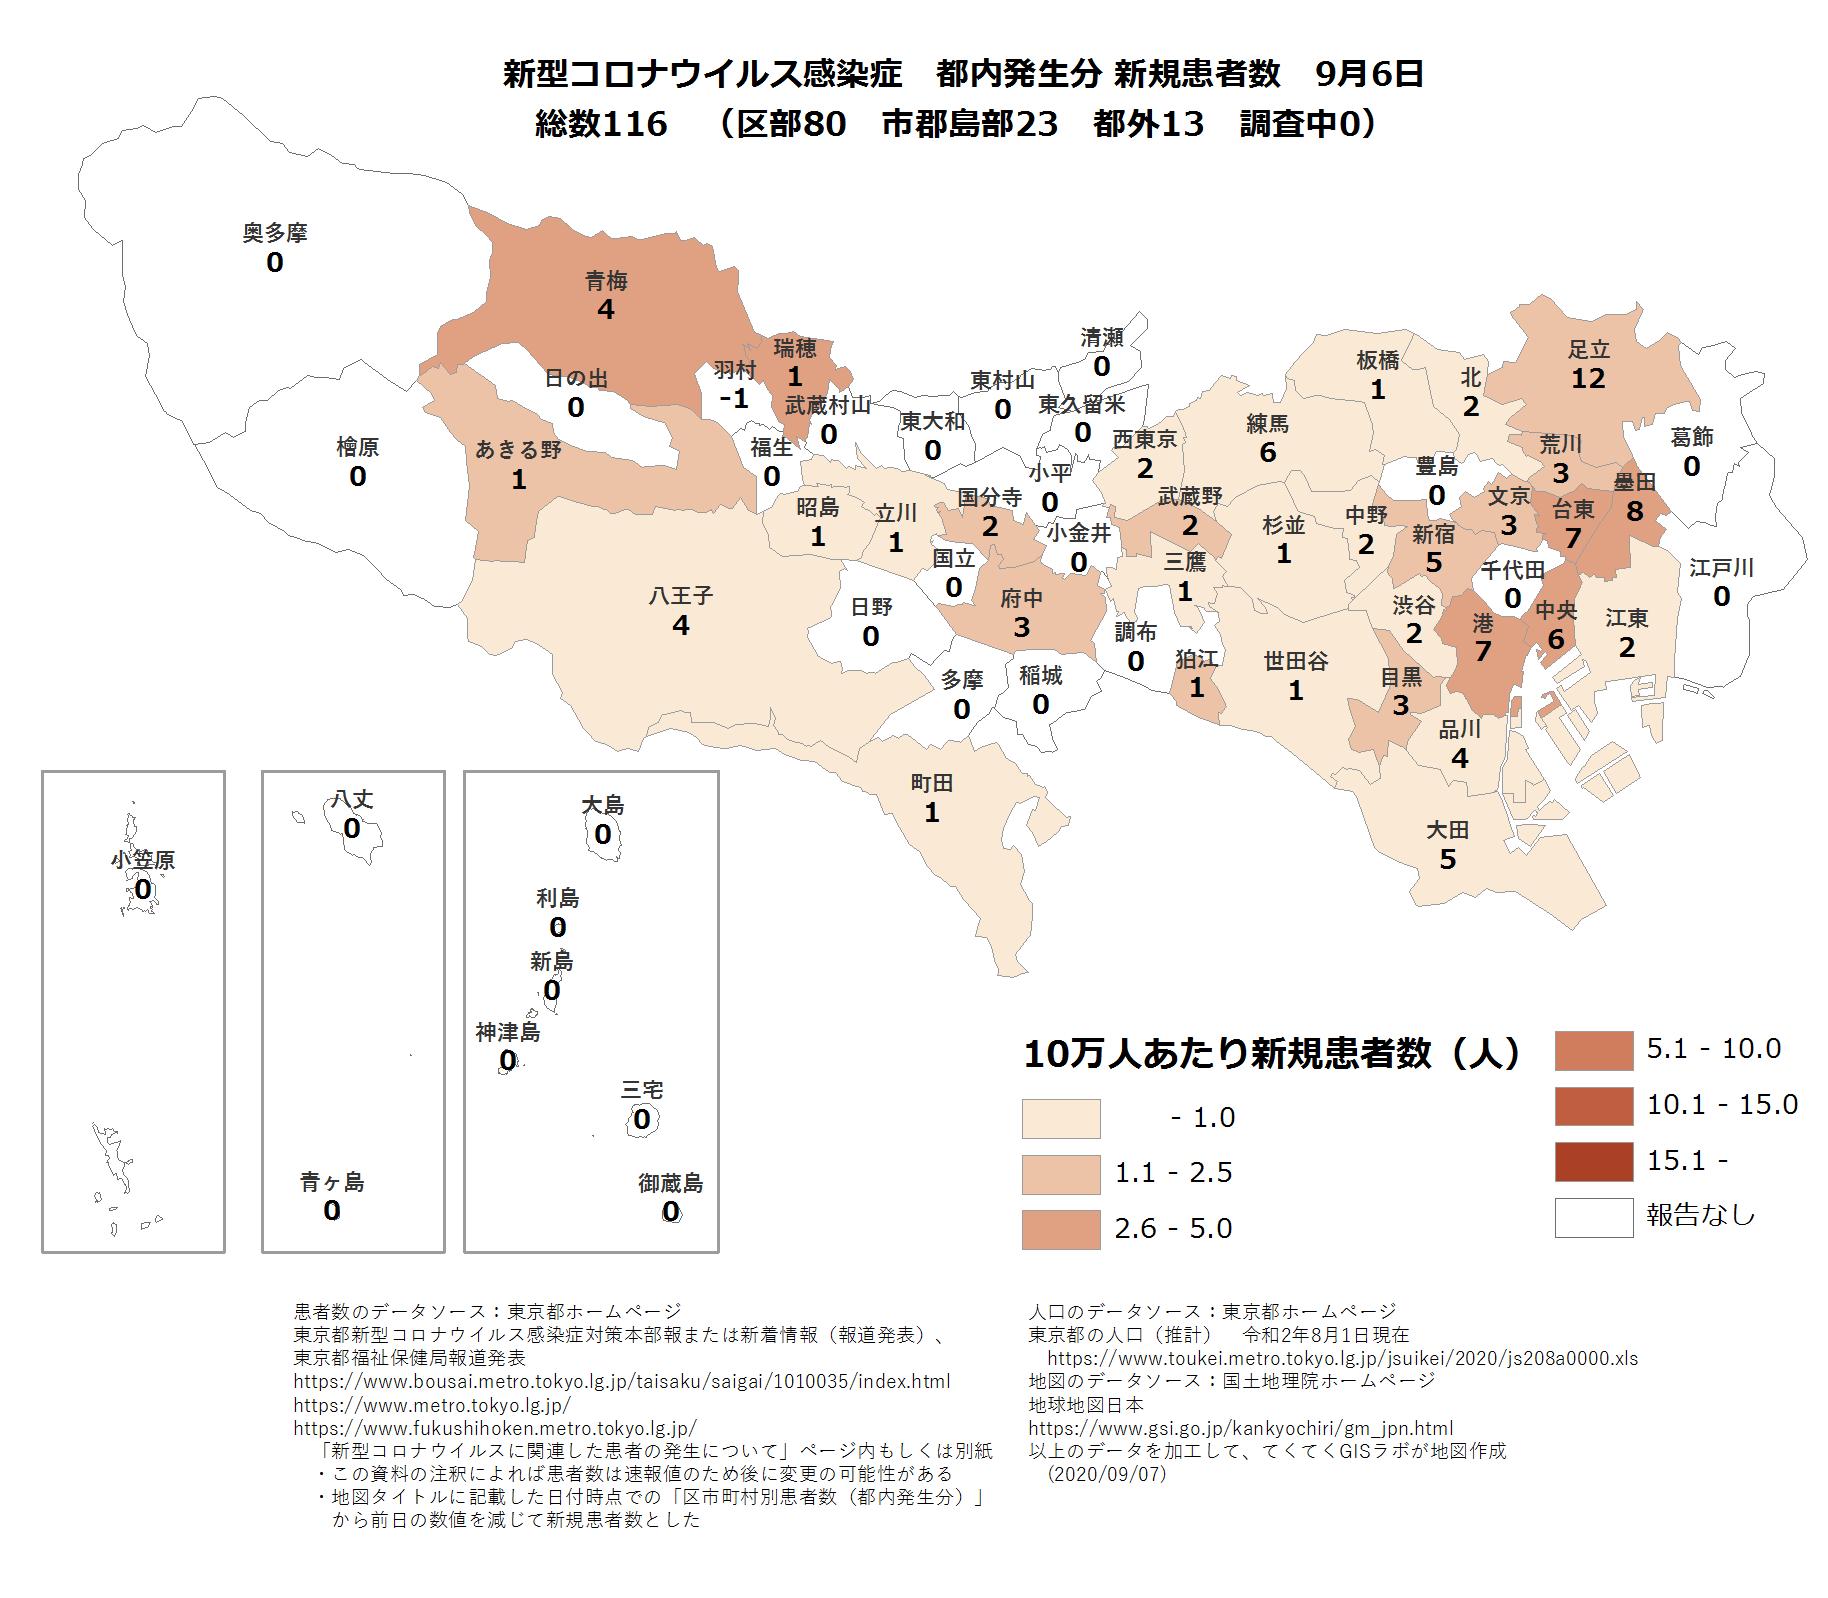 市区町村ごと新規患者数9月6日東京